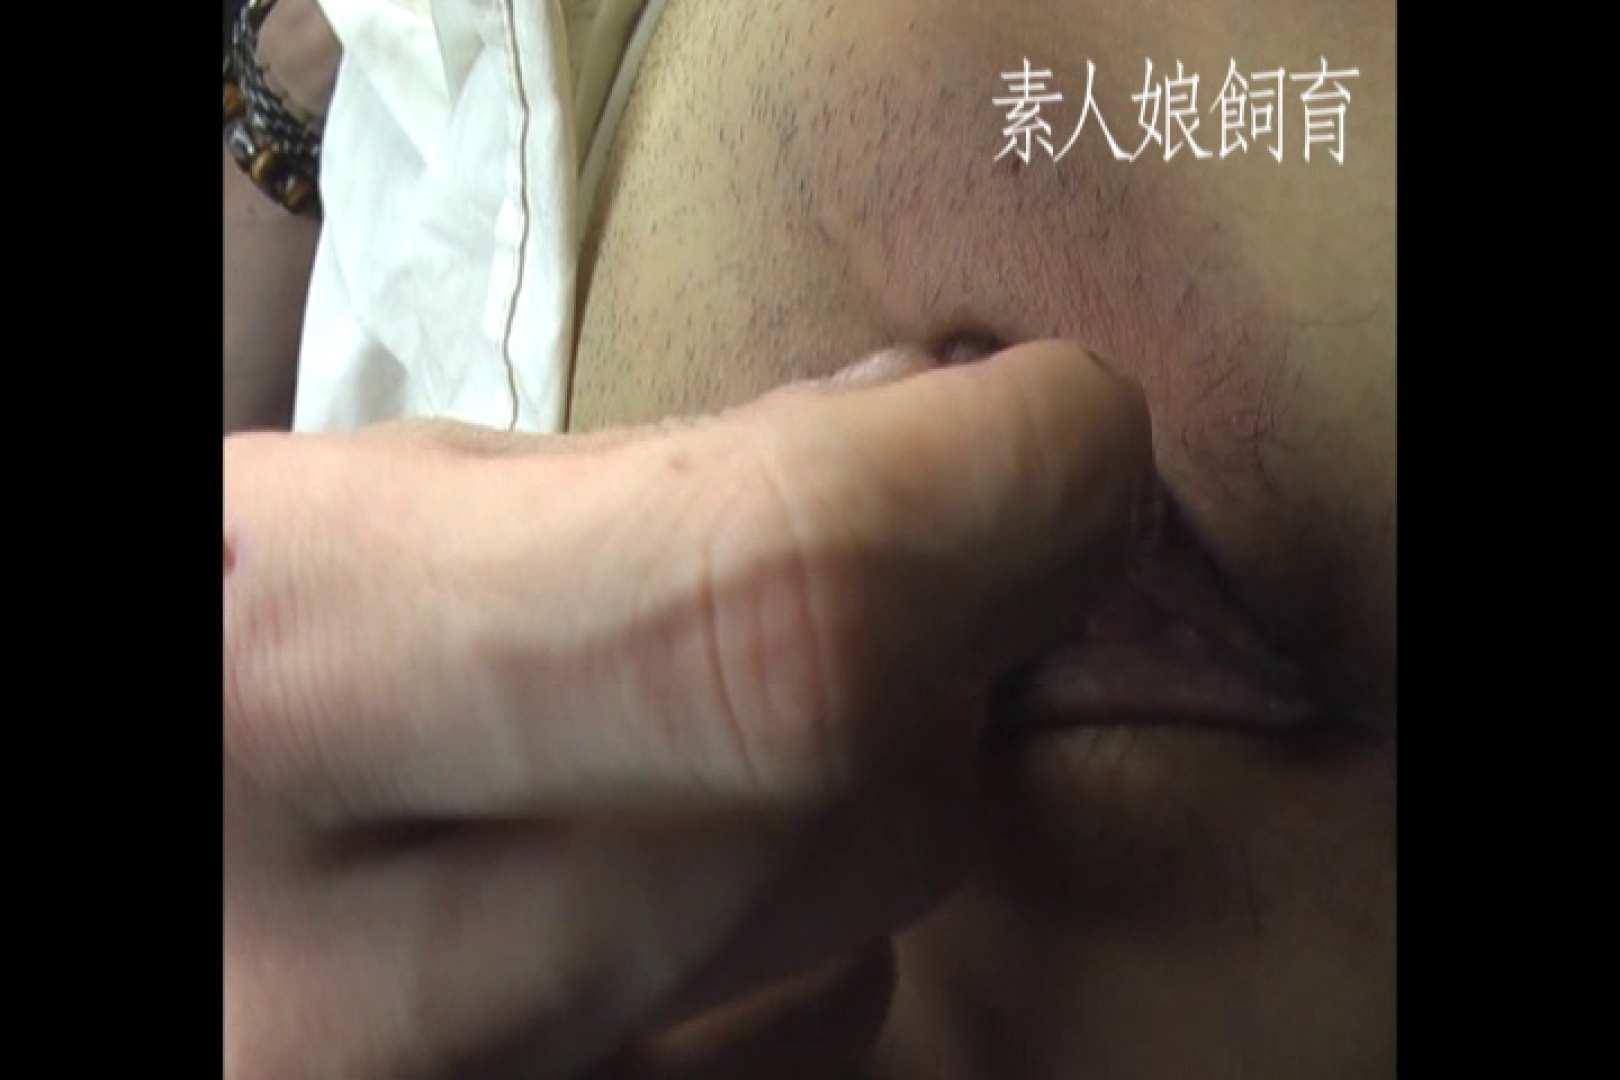 素人嬢飼育~お前の餌は他人棒~8月4日露出撮影貸出 手マン すけべAV動画紹介 94pic 82